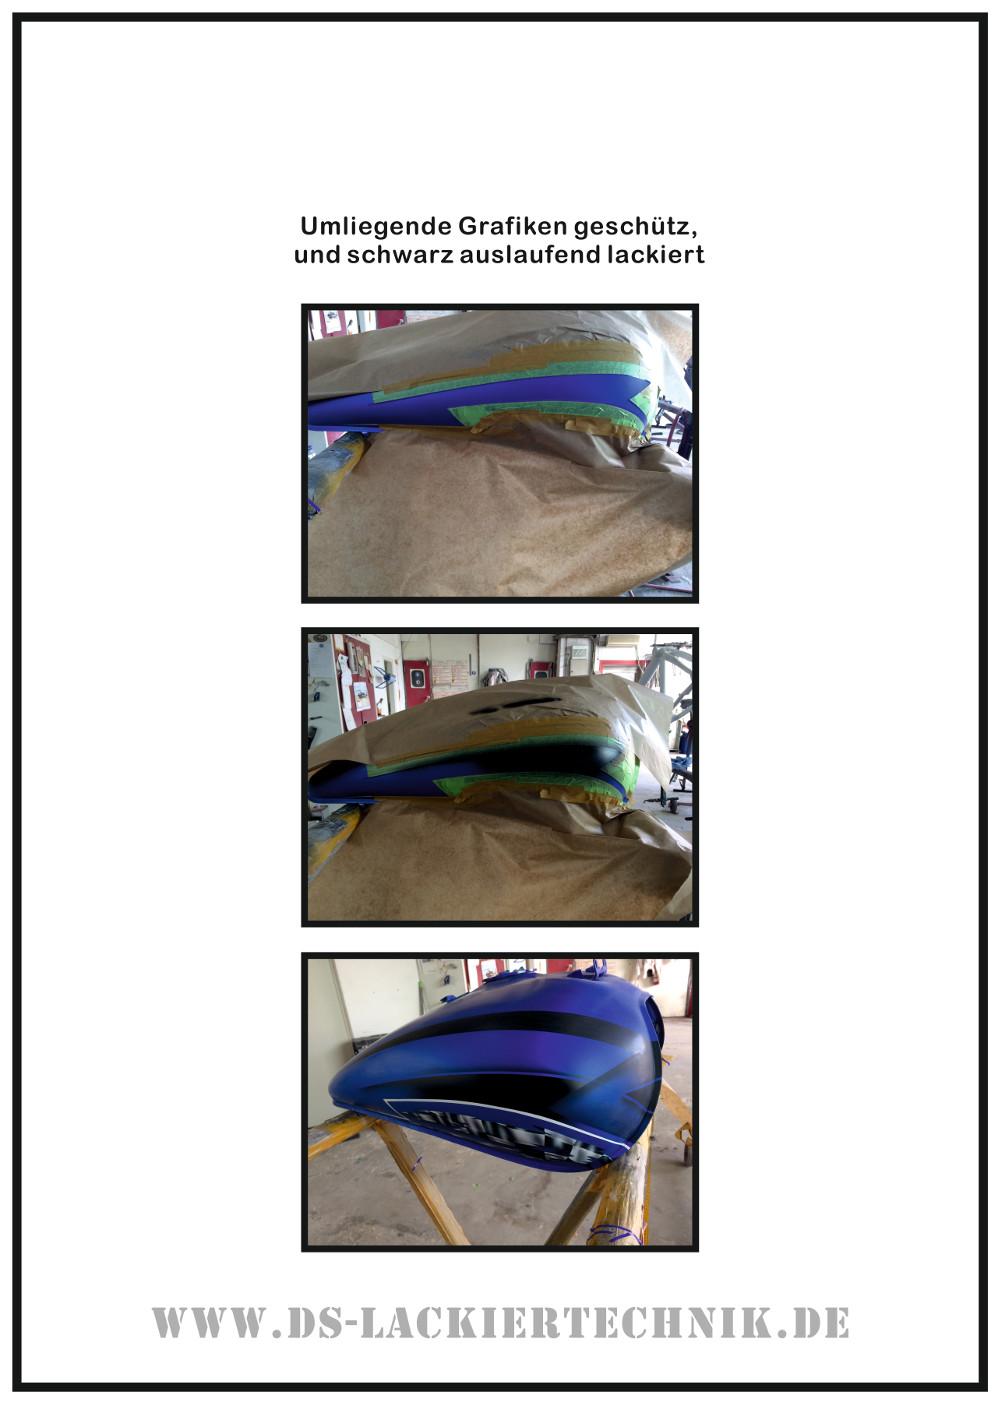 Motorrad Airbrush! Unfallschaden, Airbrush komplett erneuert 6 Motorrad Airbrush